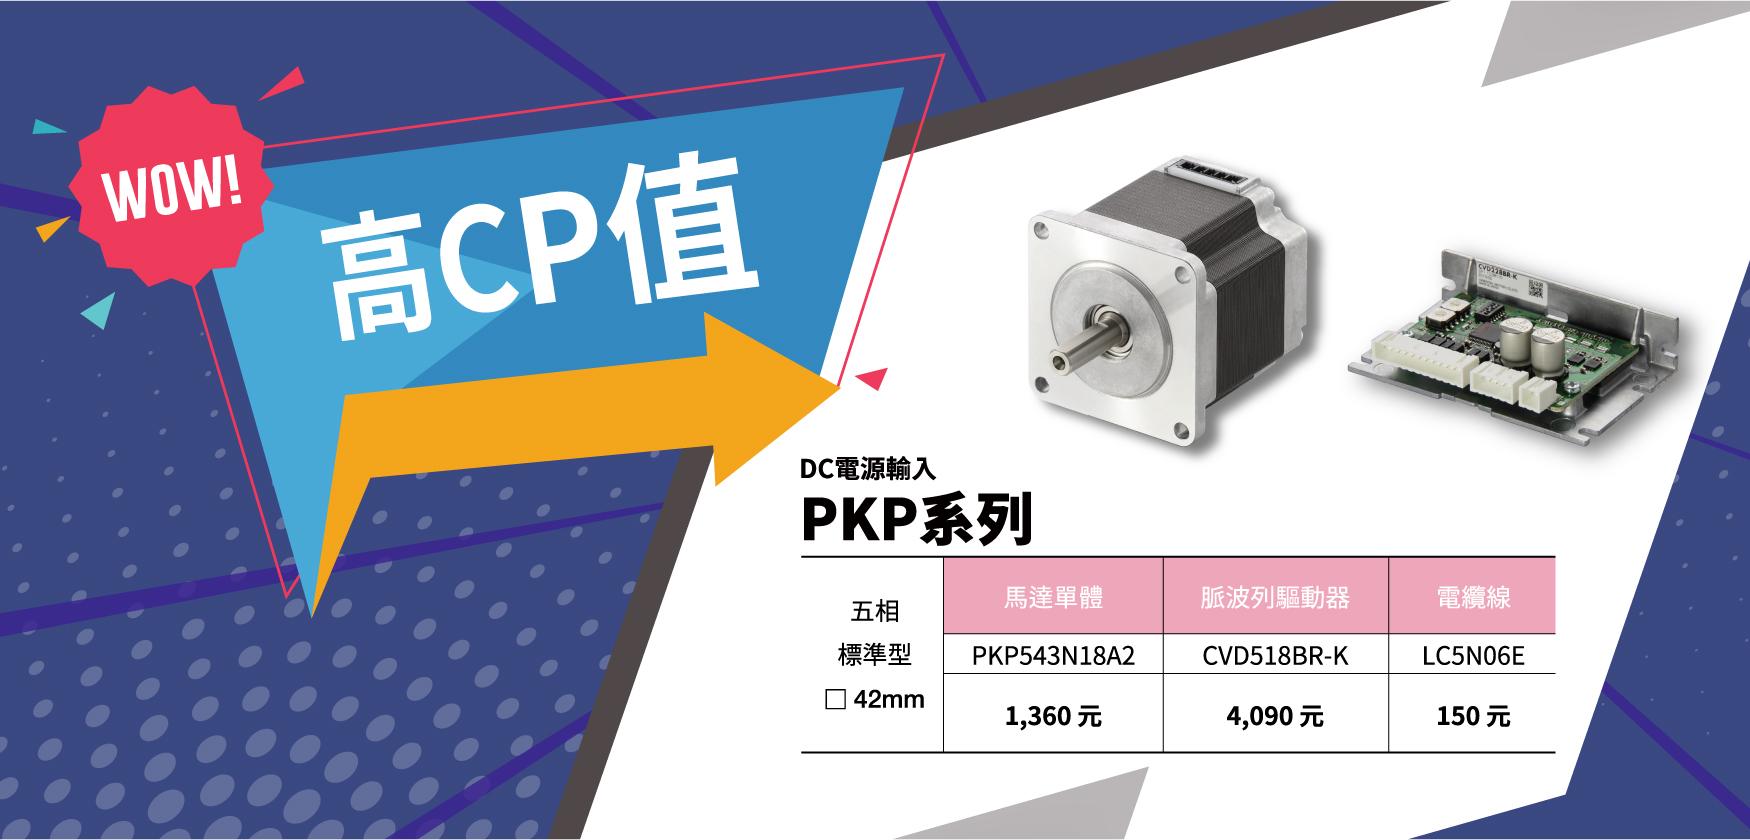 PKP系列 高性能下還有高CP值